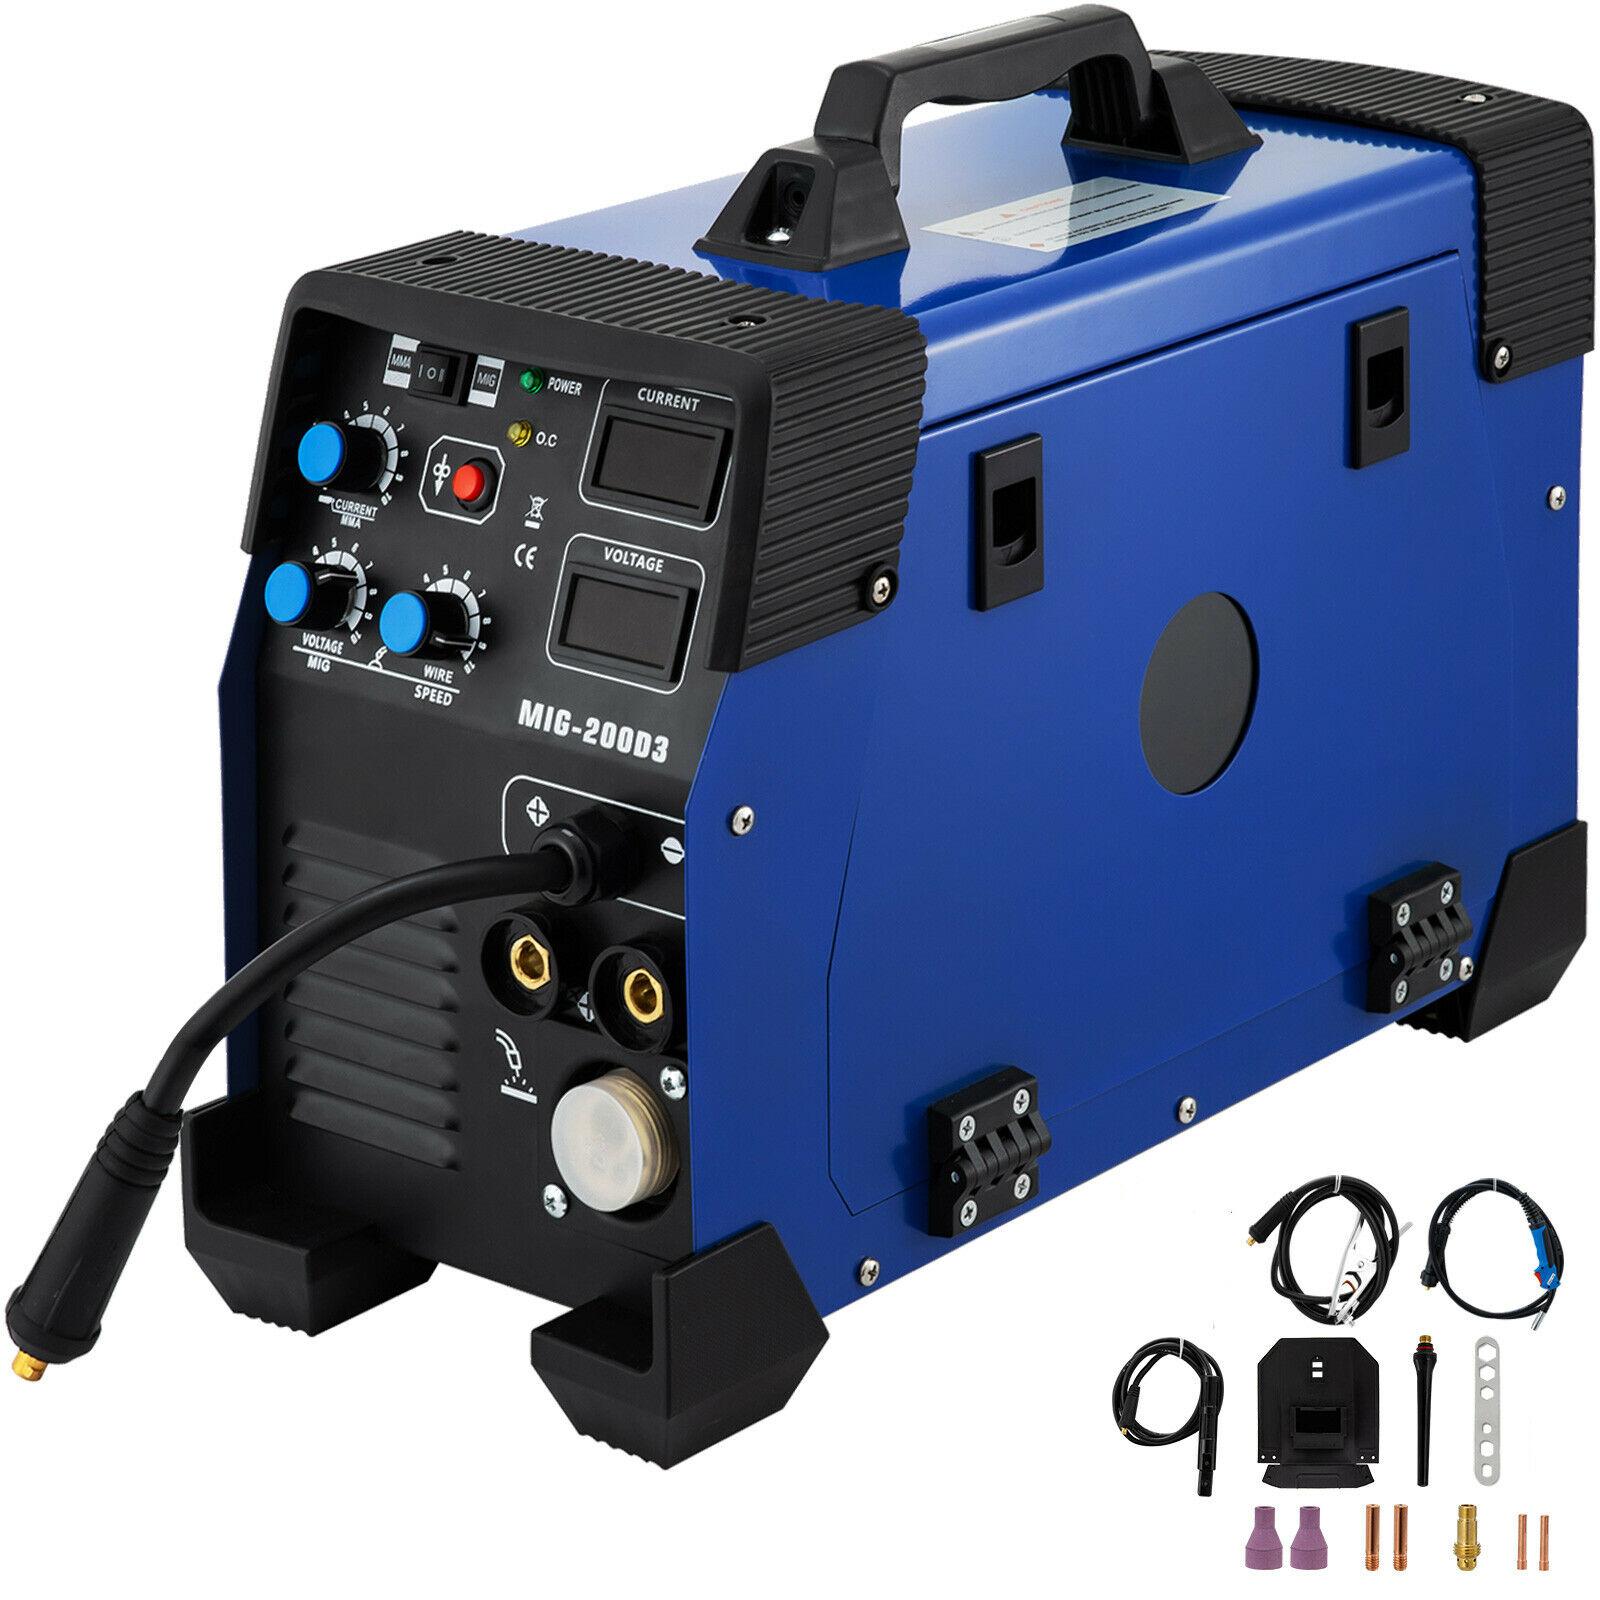 3 In 1 MIG / MAG / TIG / FLUX / MMA Inverter Welder 200Amp Combo Welding Machine